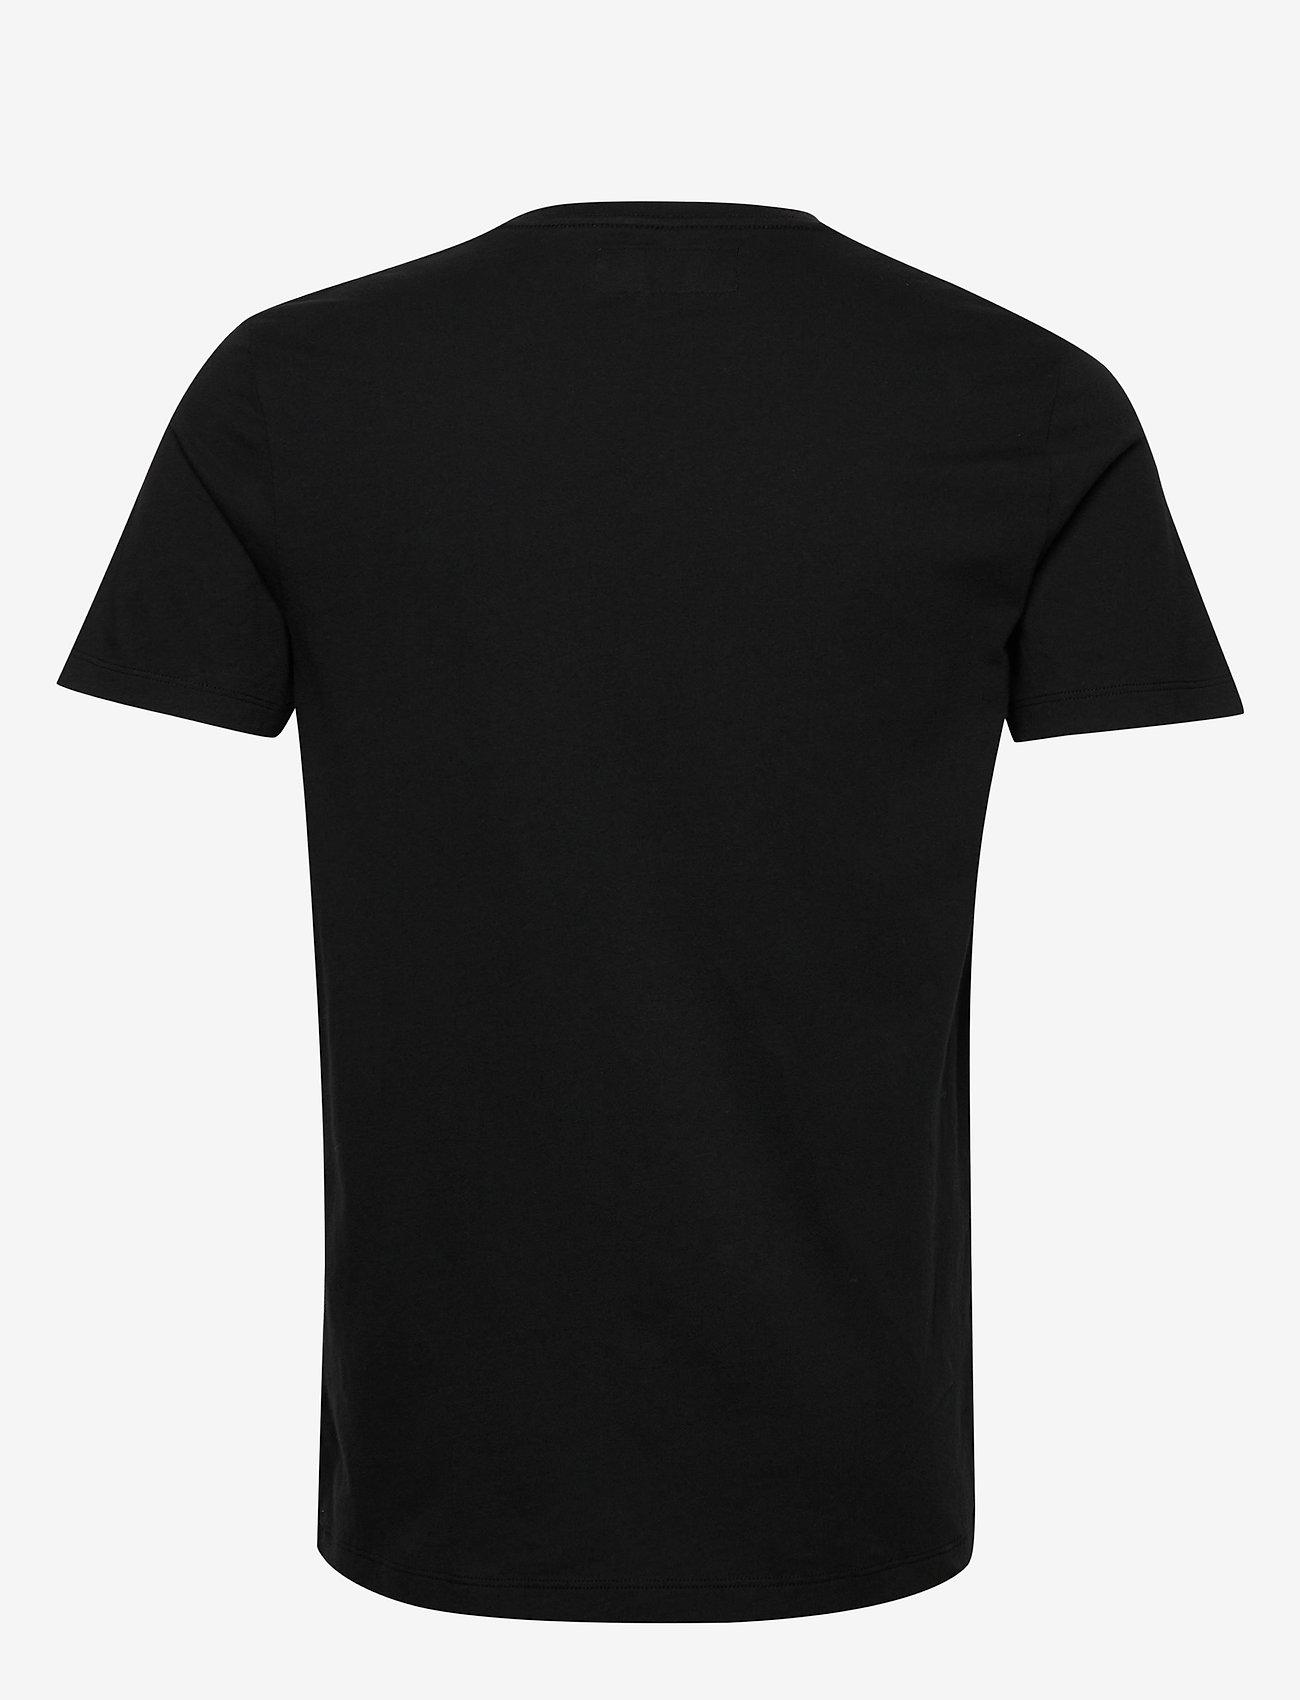 Abercrombie & Fitch Icon Vee - T-skjorter BLACK DD - Menn Klær